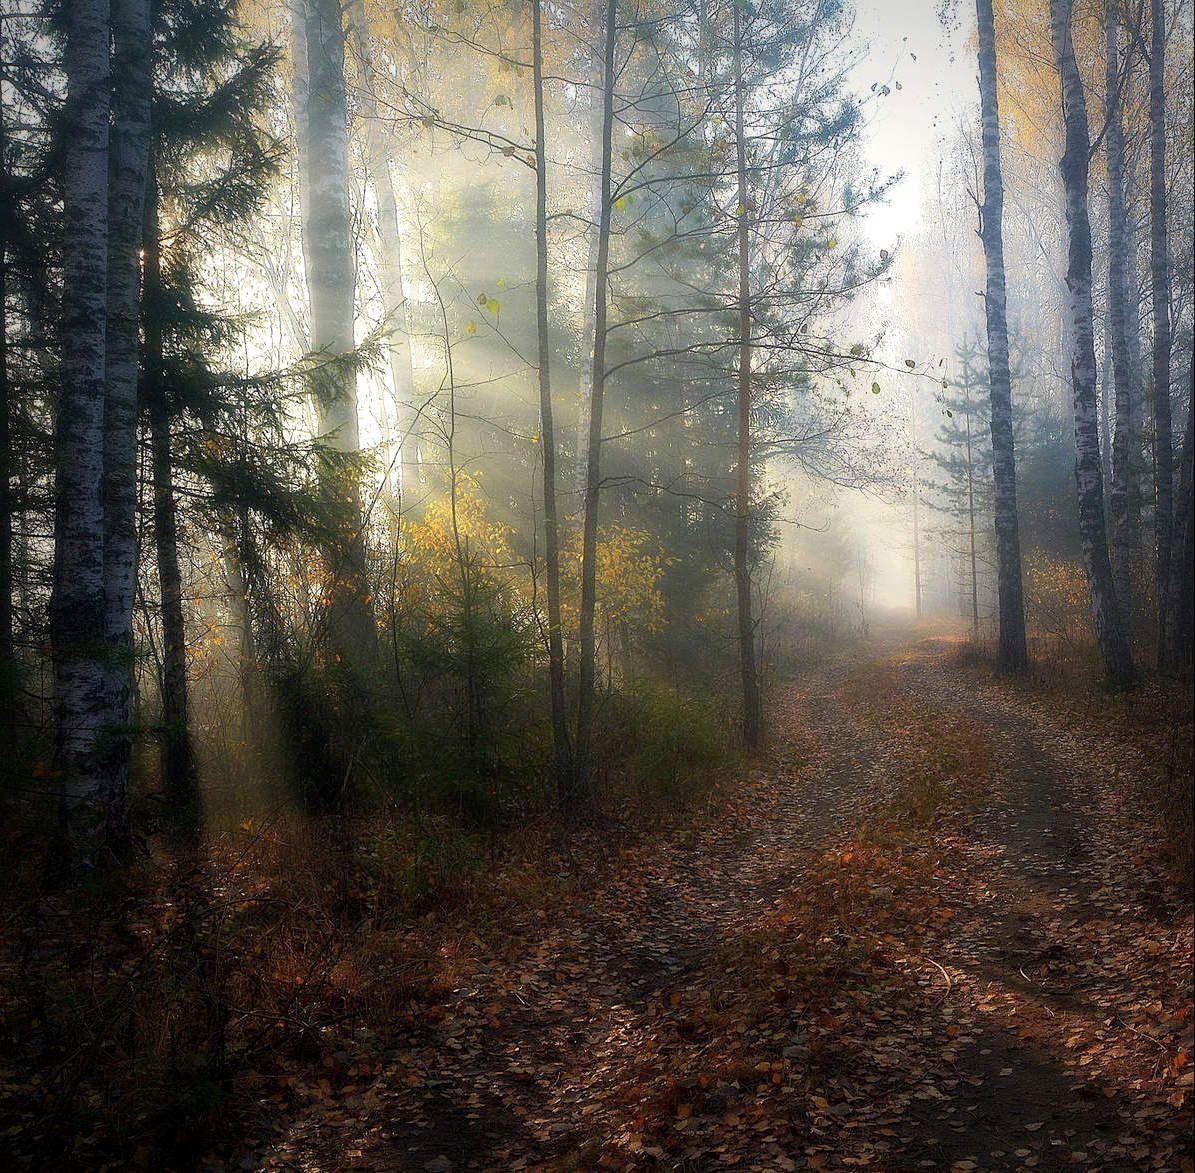 Грибные места Сергей Алексеев пейзаж